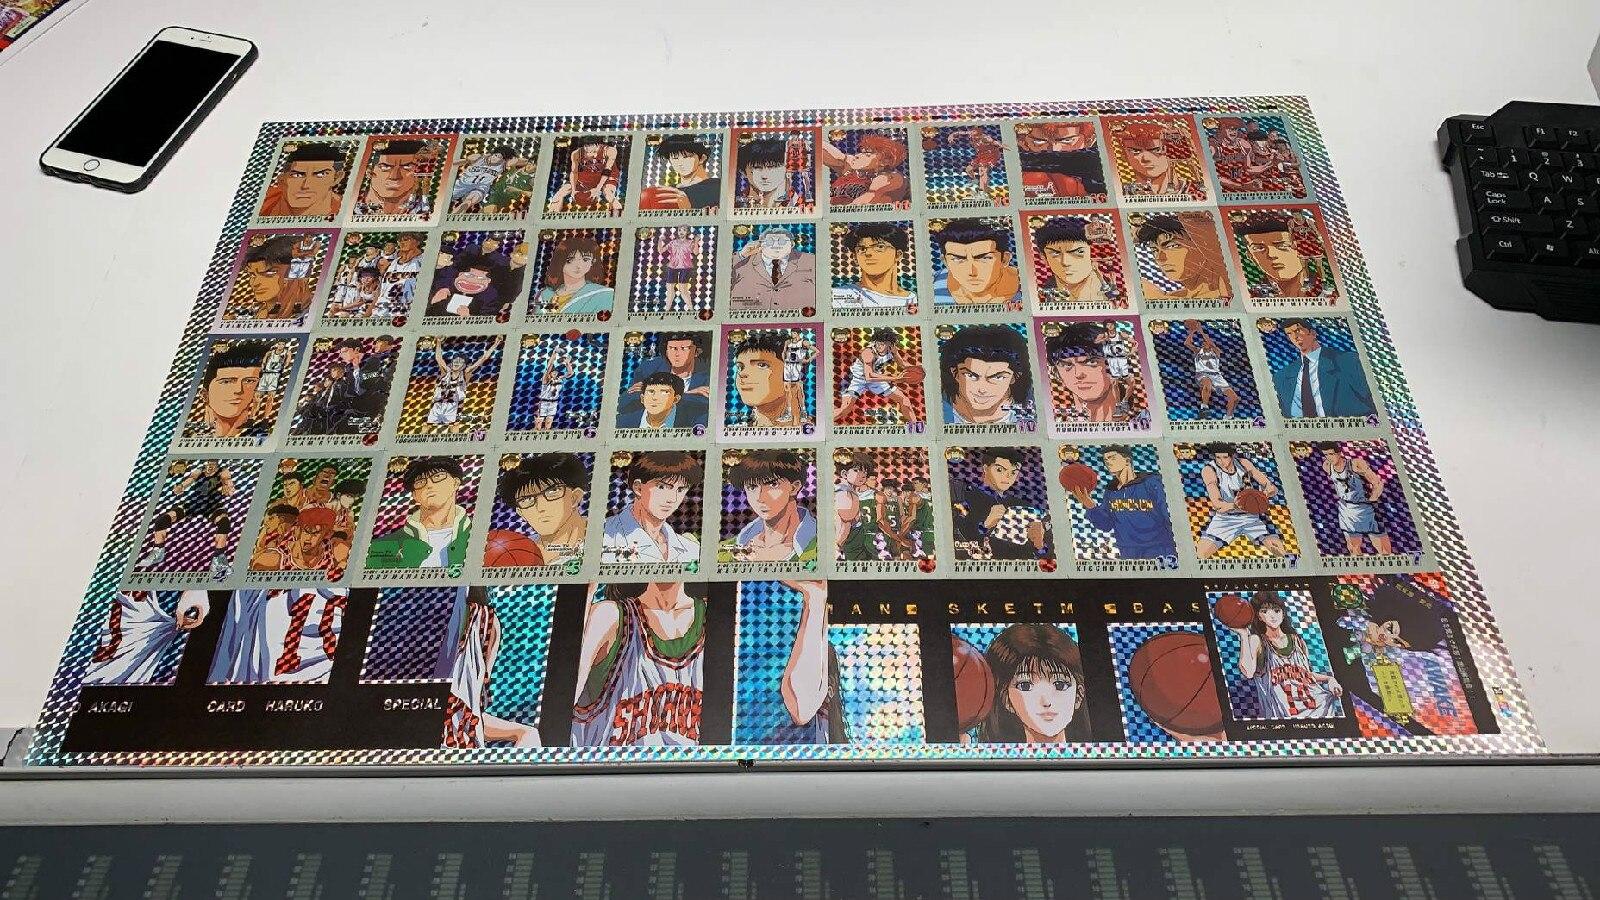 42 pièces/ensemble Slam Dunk quatrième balle combat enfance souvenirs jouets loisirs loisirs de Collection jeu Collection Anime cartes